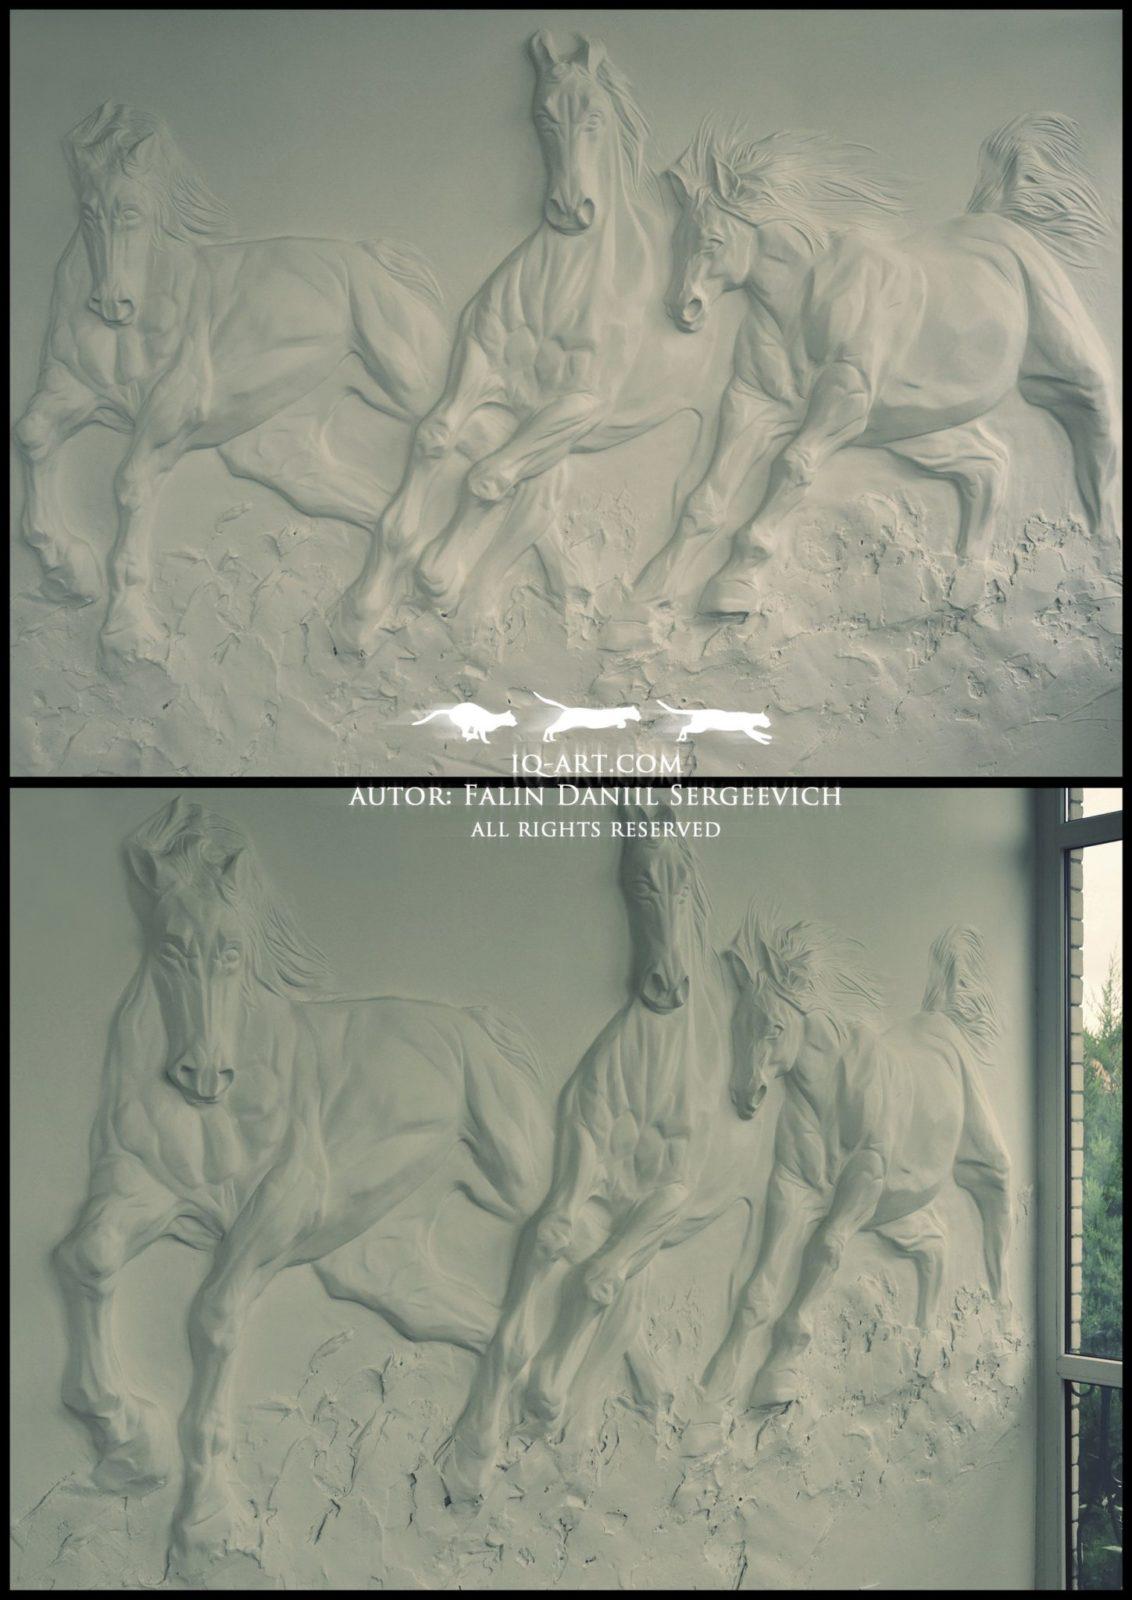 6sculptures_reliefs